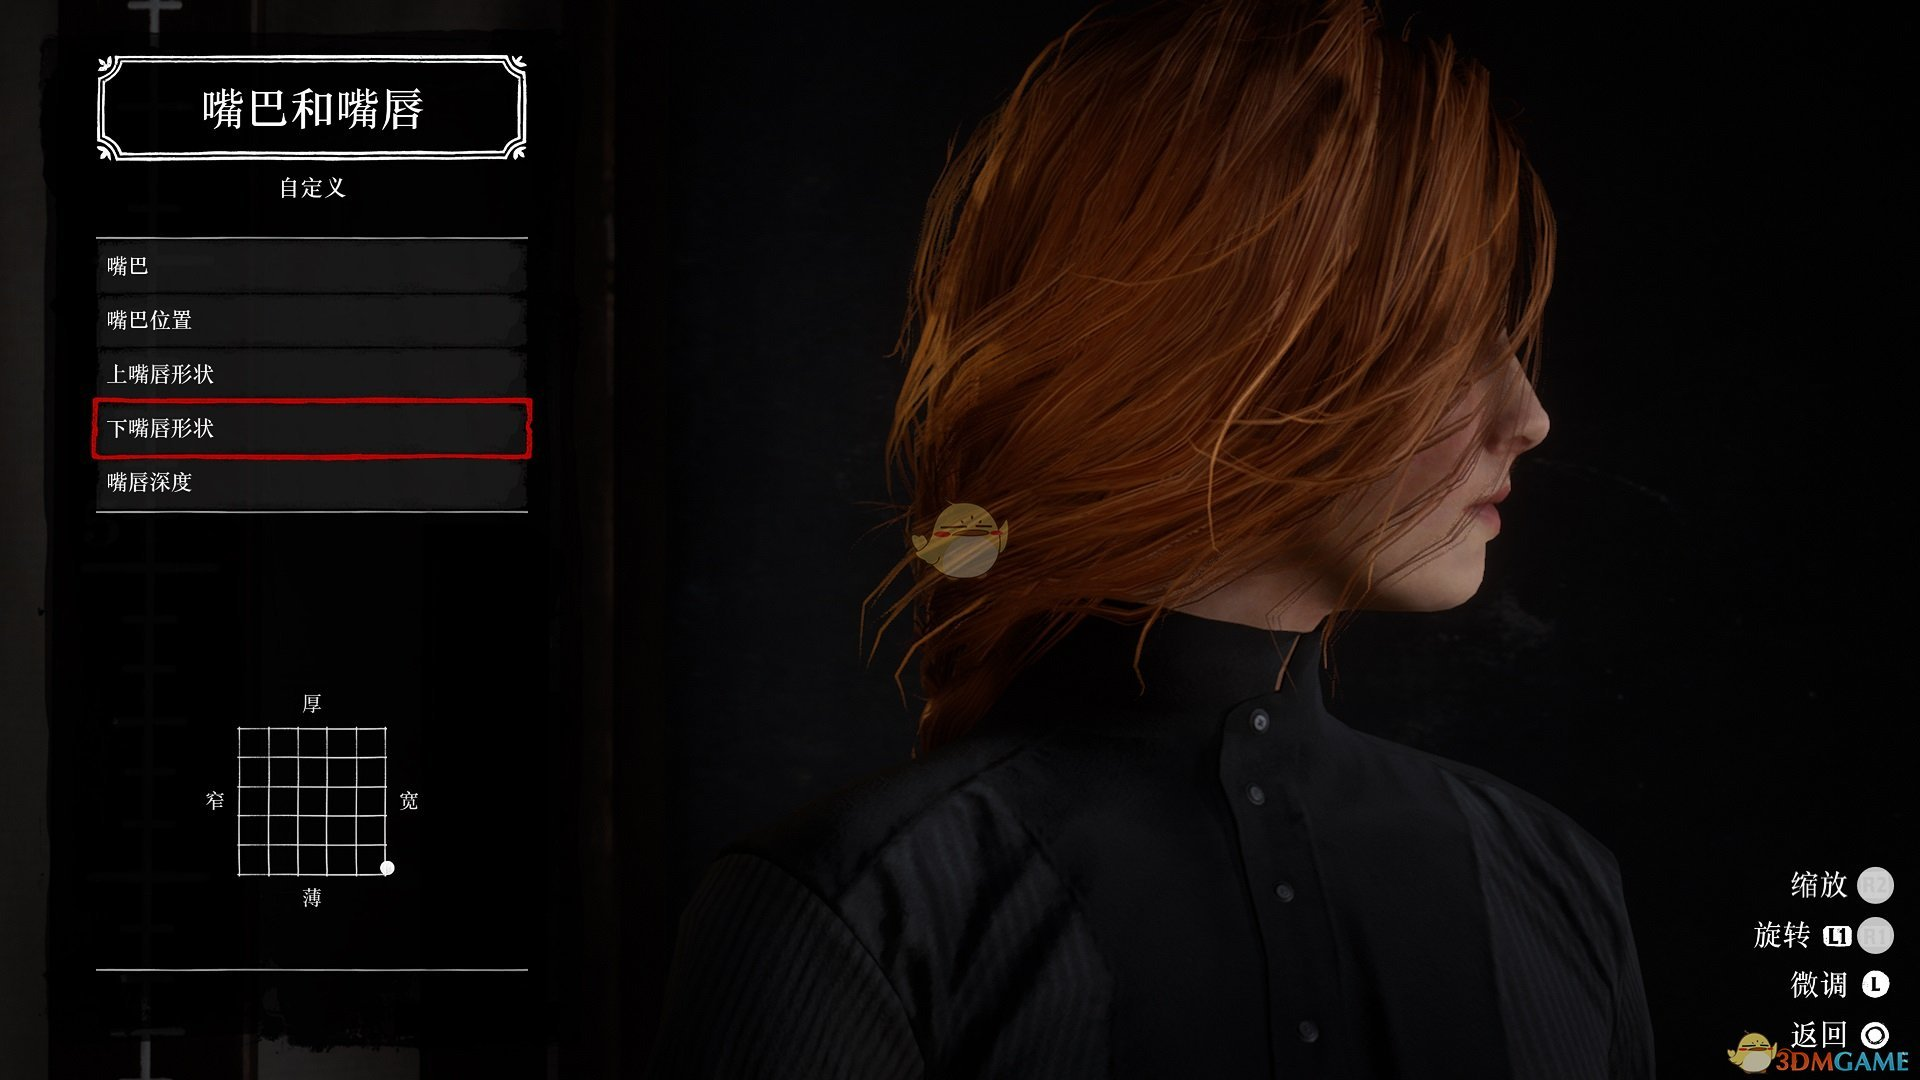 《荒野大镖客2》大众审美女性捏脸数据及效果图分享